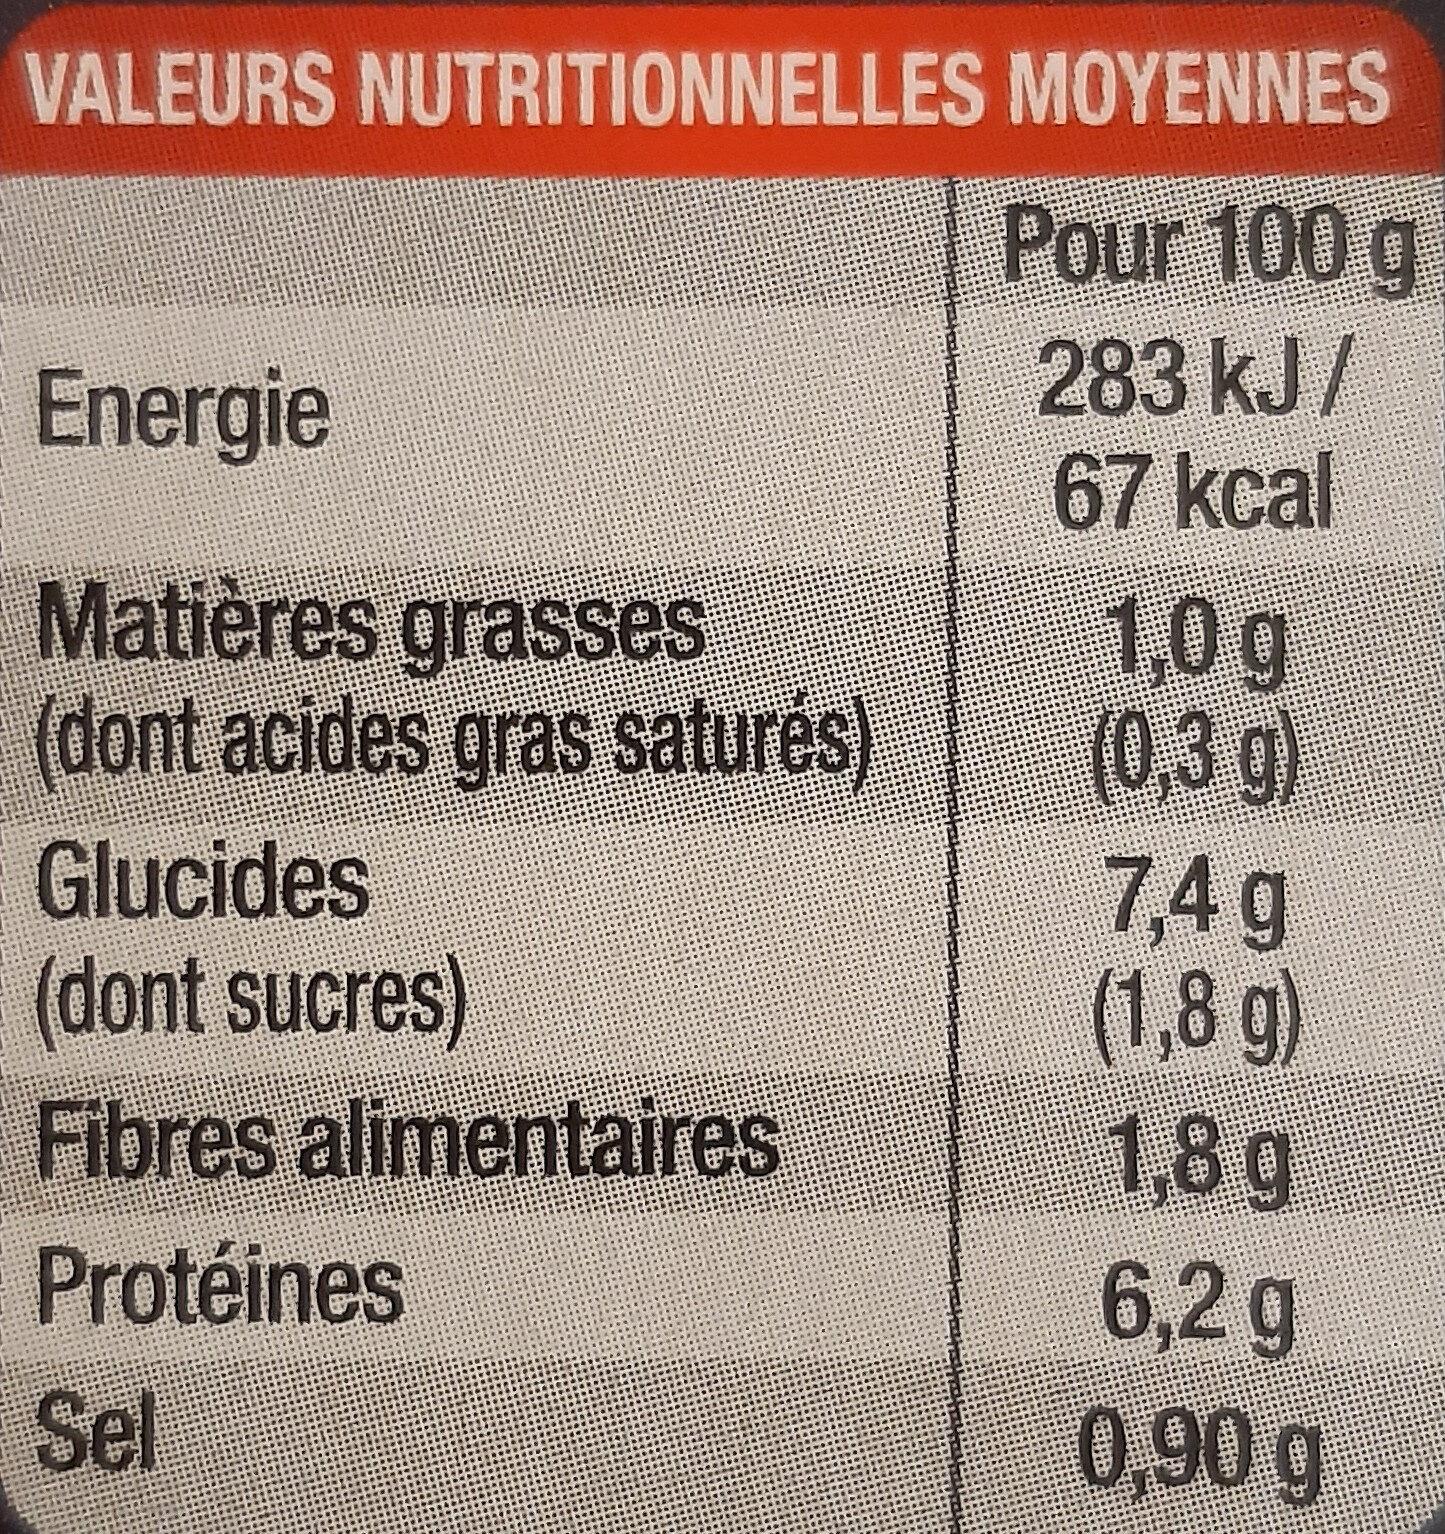 Boeuf bourguignon et ses pommes de terre - Informations nutritionnelles